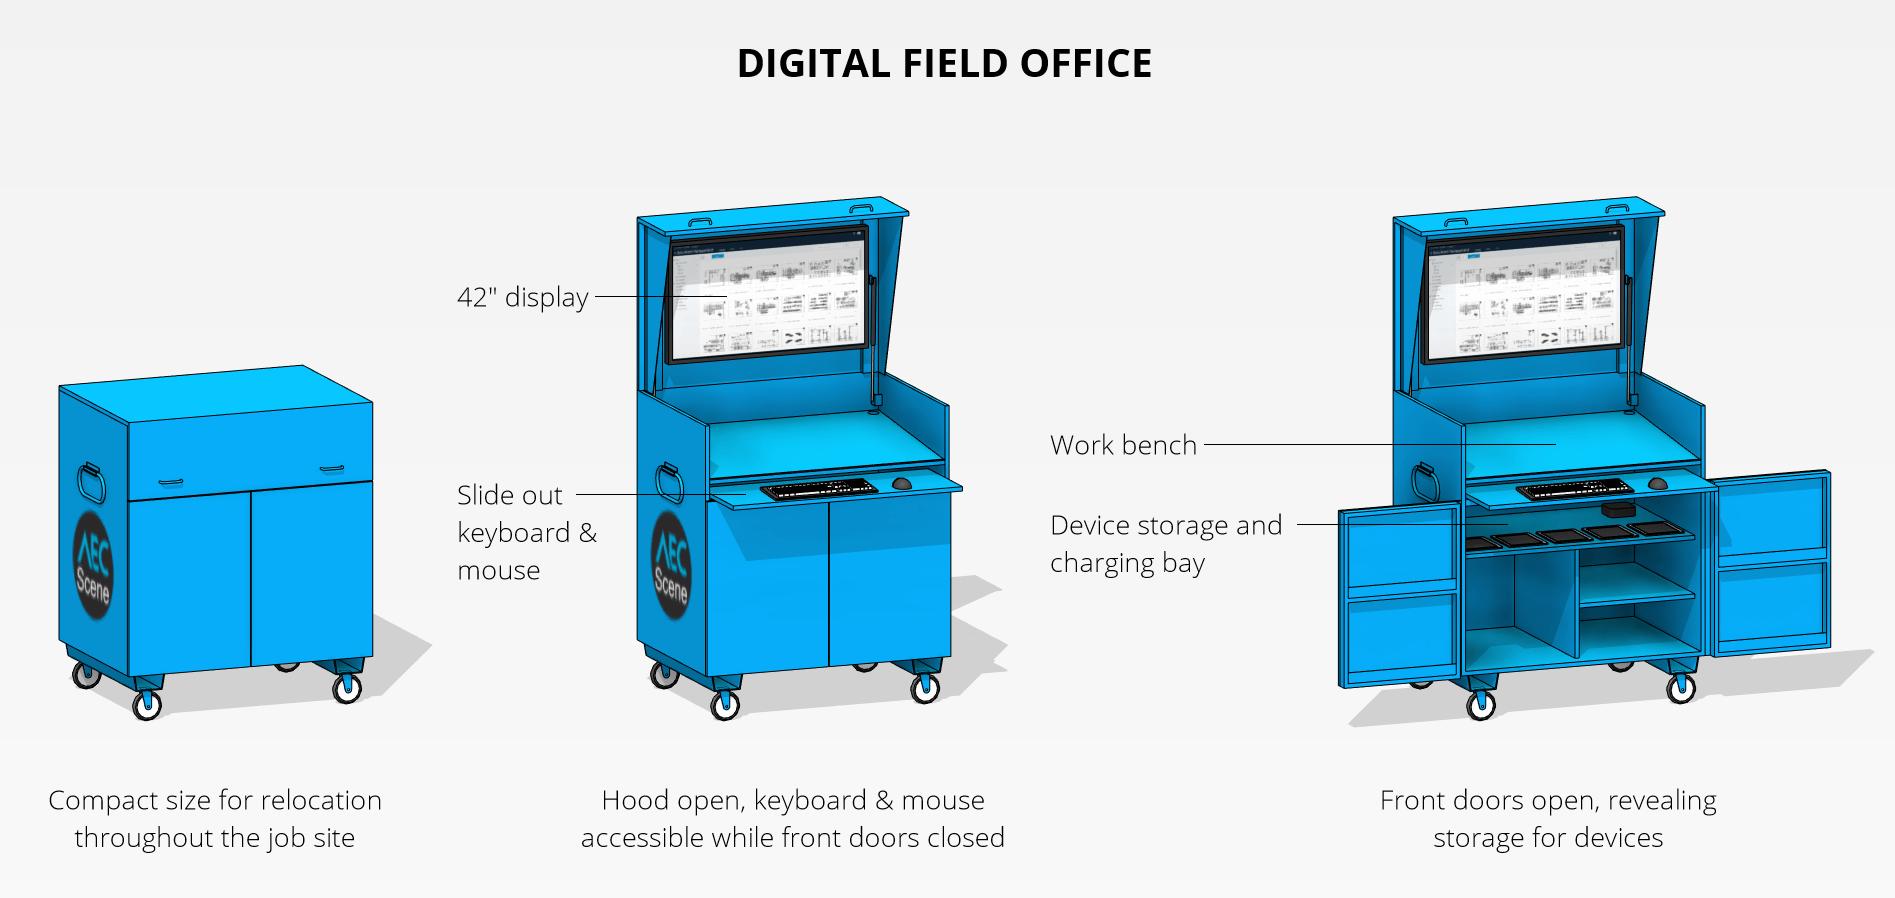 Digital field office